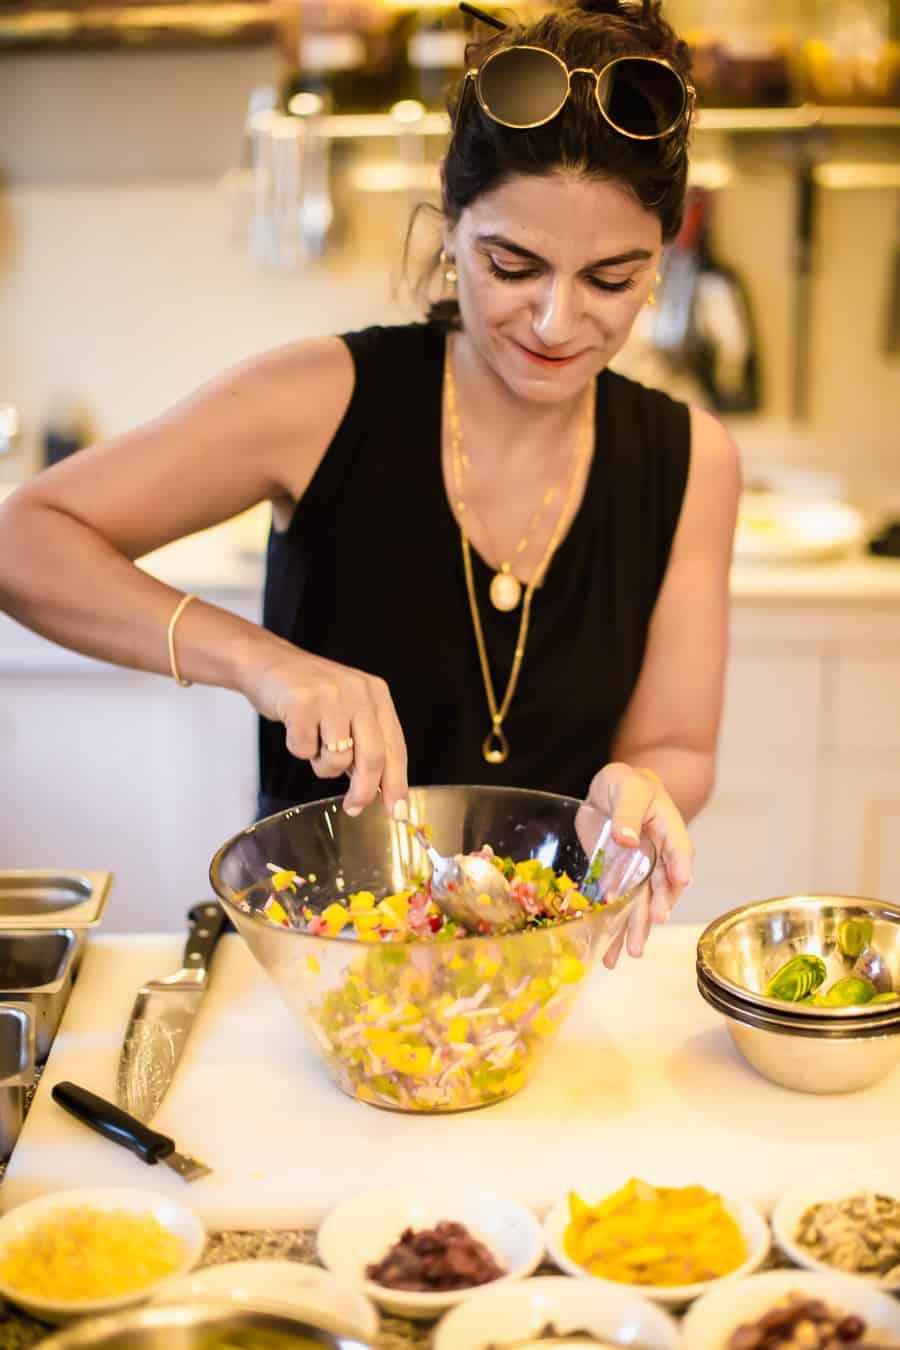 Tali Friedman cooking